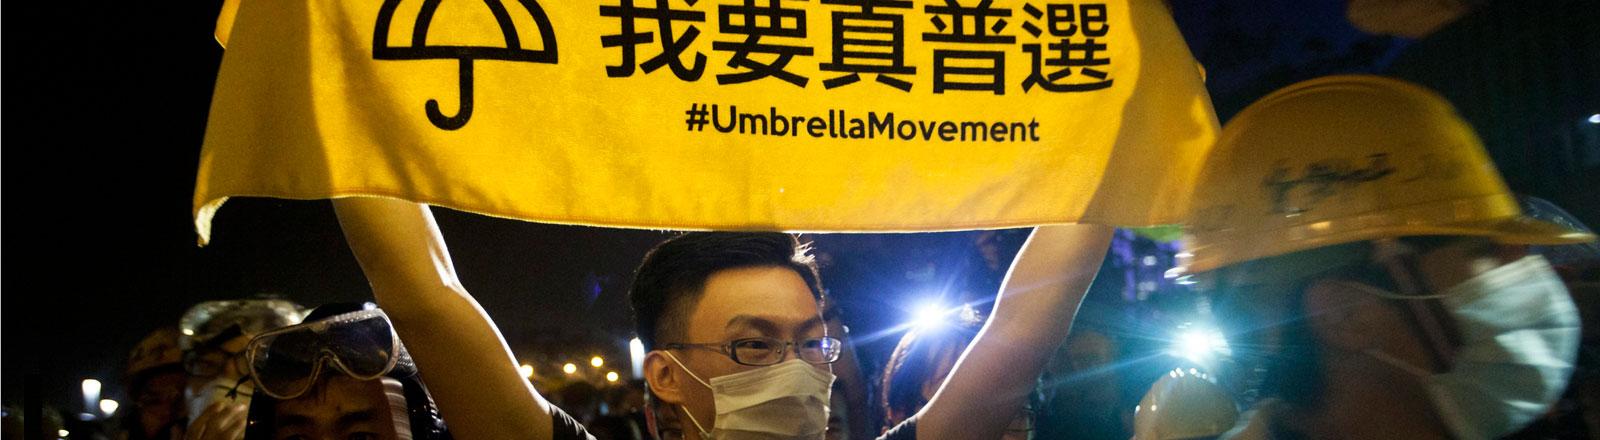 Studierende protestieren in Hongkong für ein demokratisches Wahlsystem.